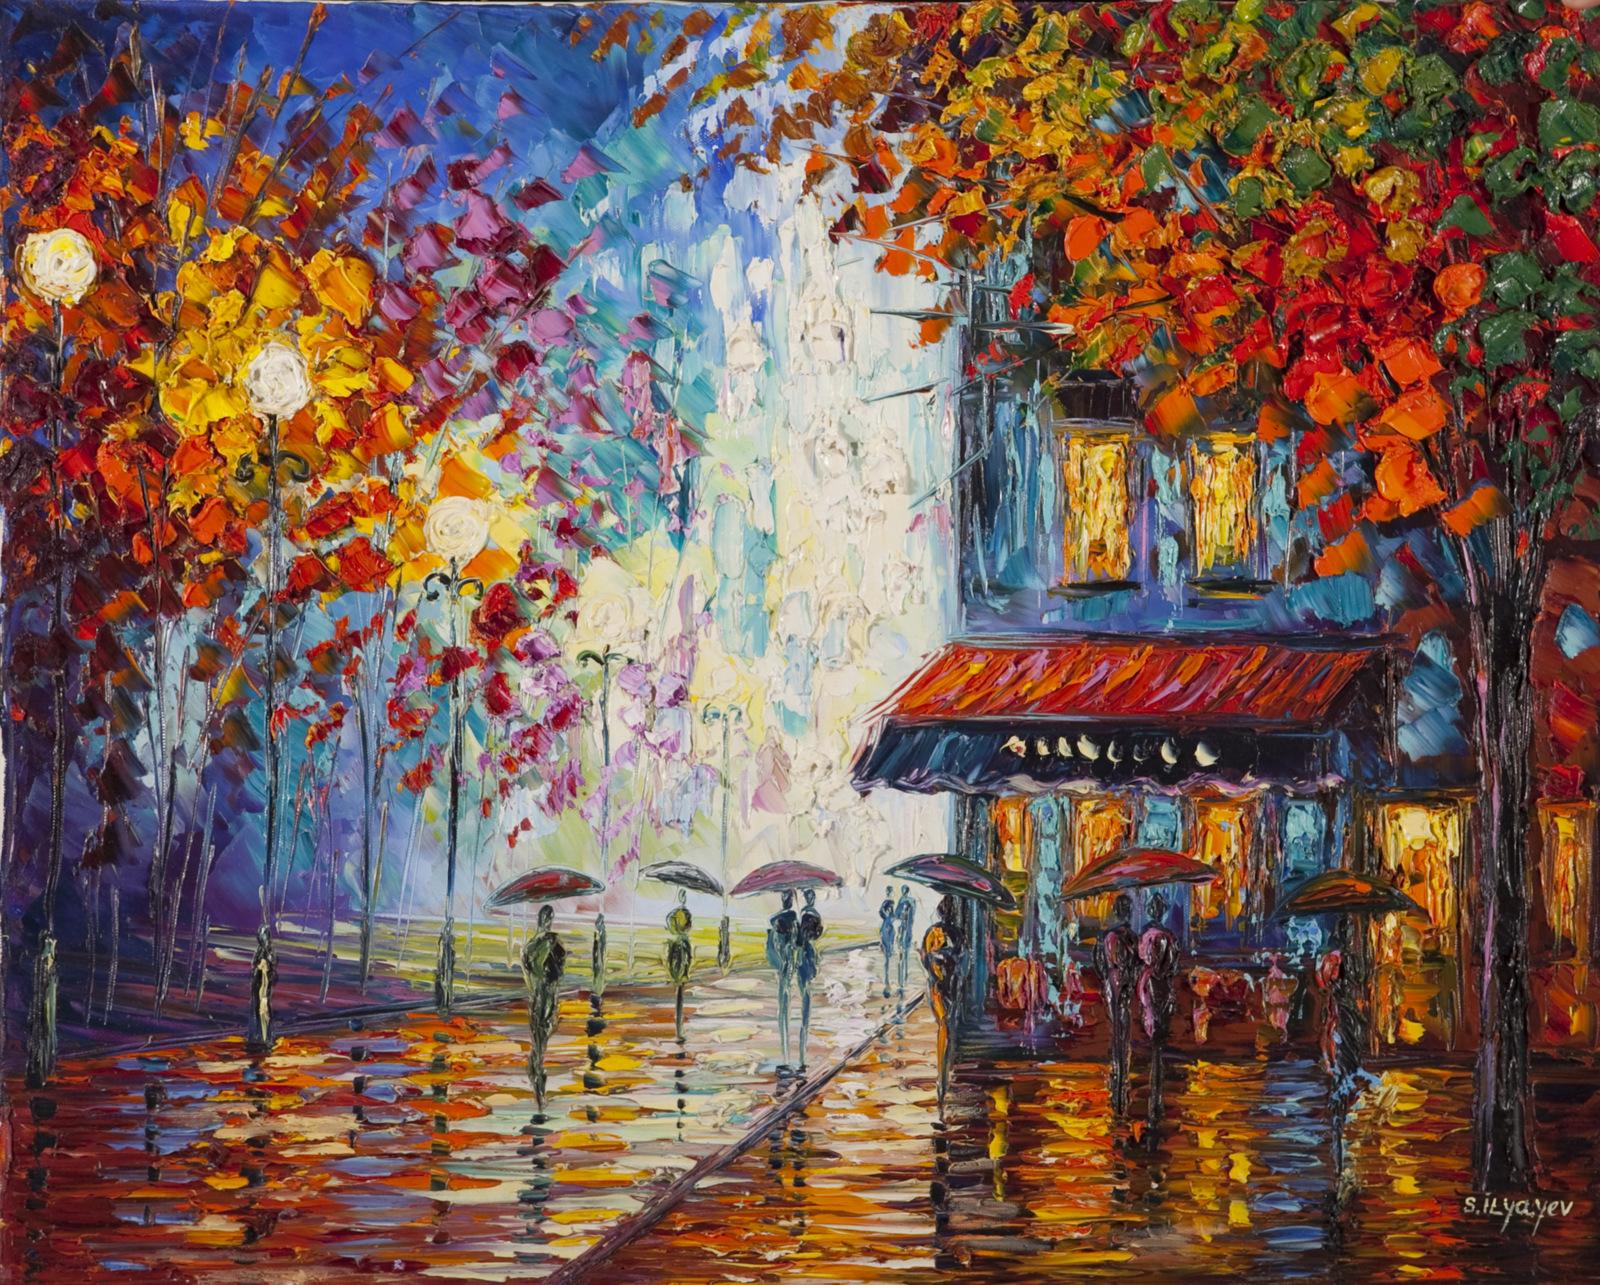 Slava Ilyayev's art